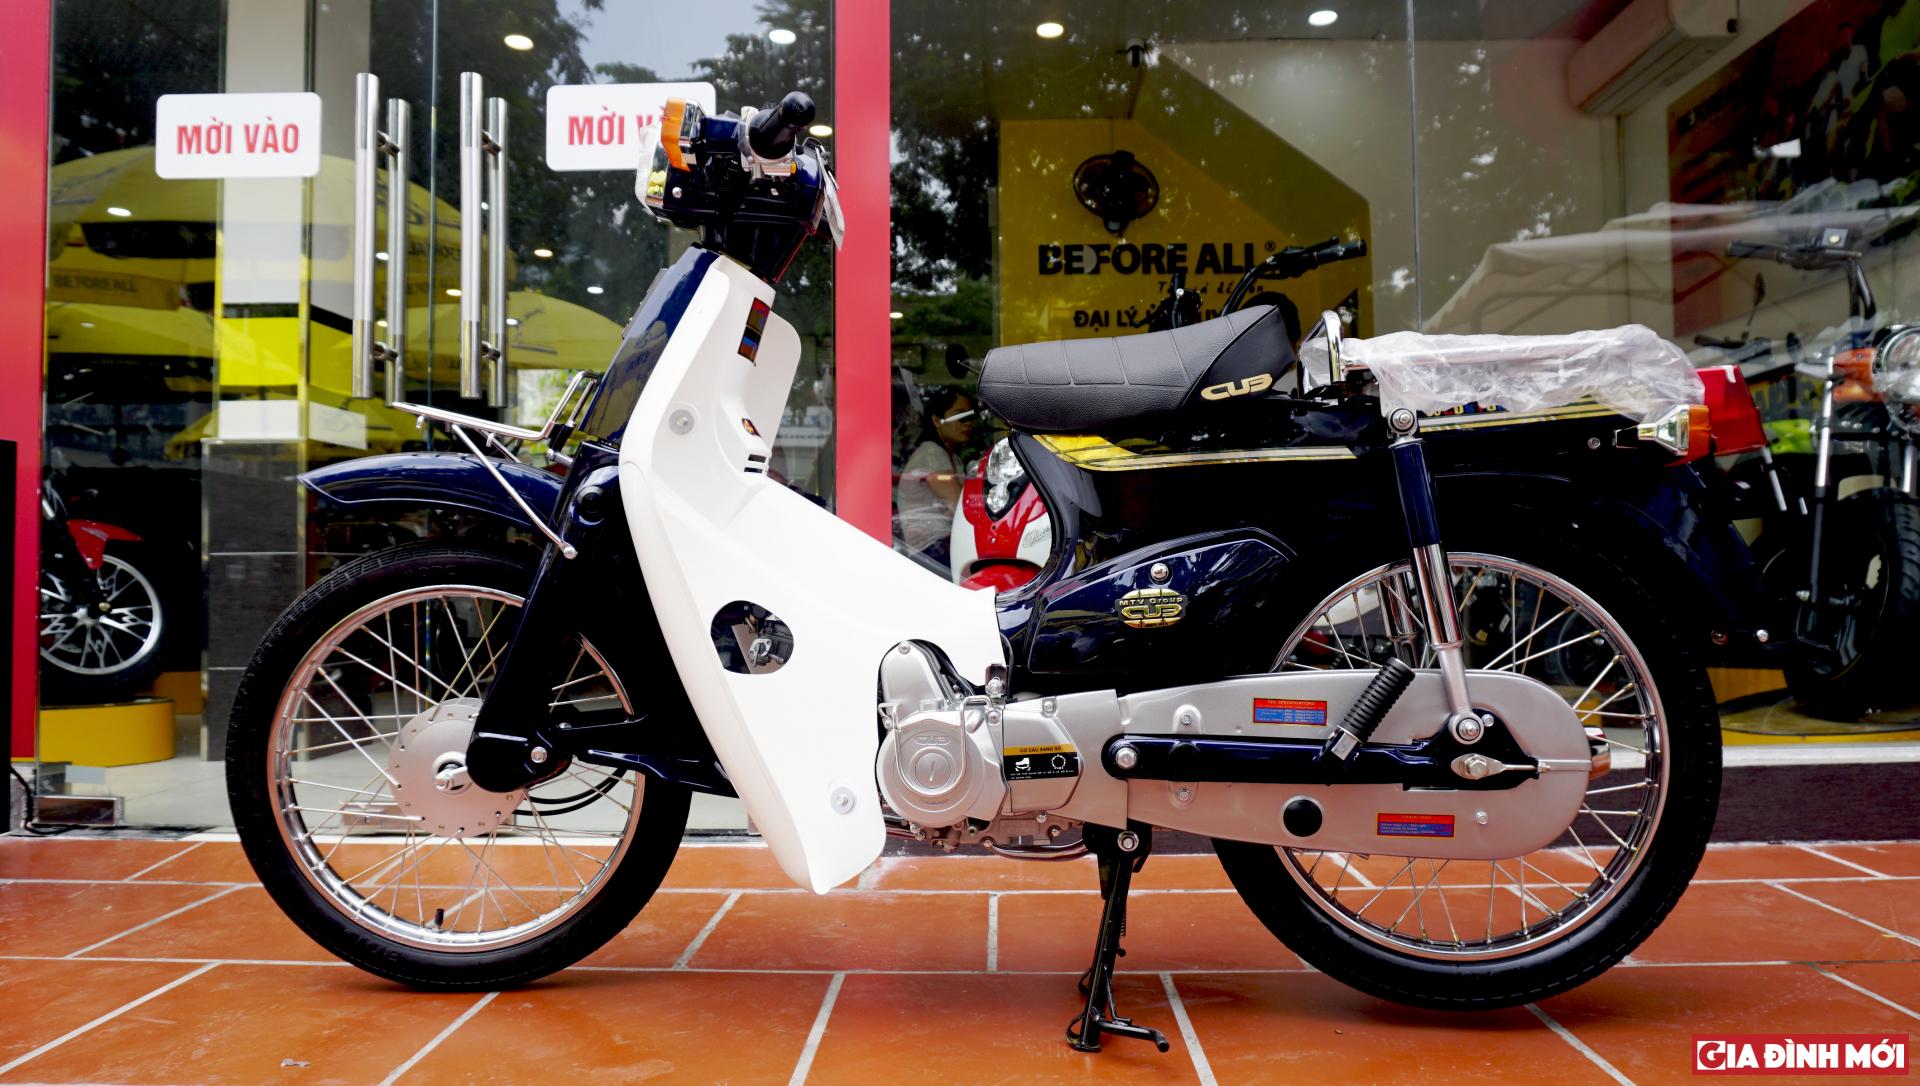 Top 7 mẫu xe máy tiết kiệm xăng phù hợp với học sinh, sinh viên